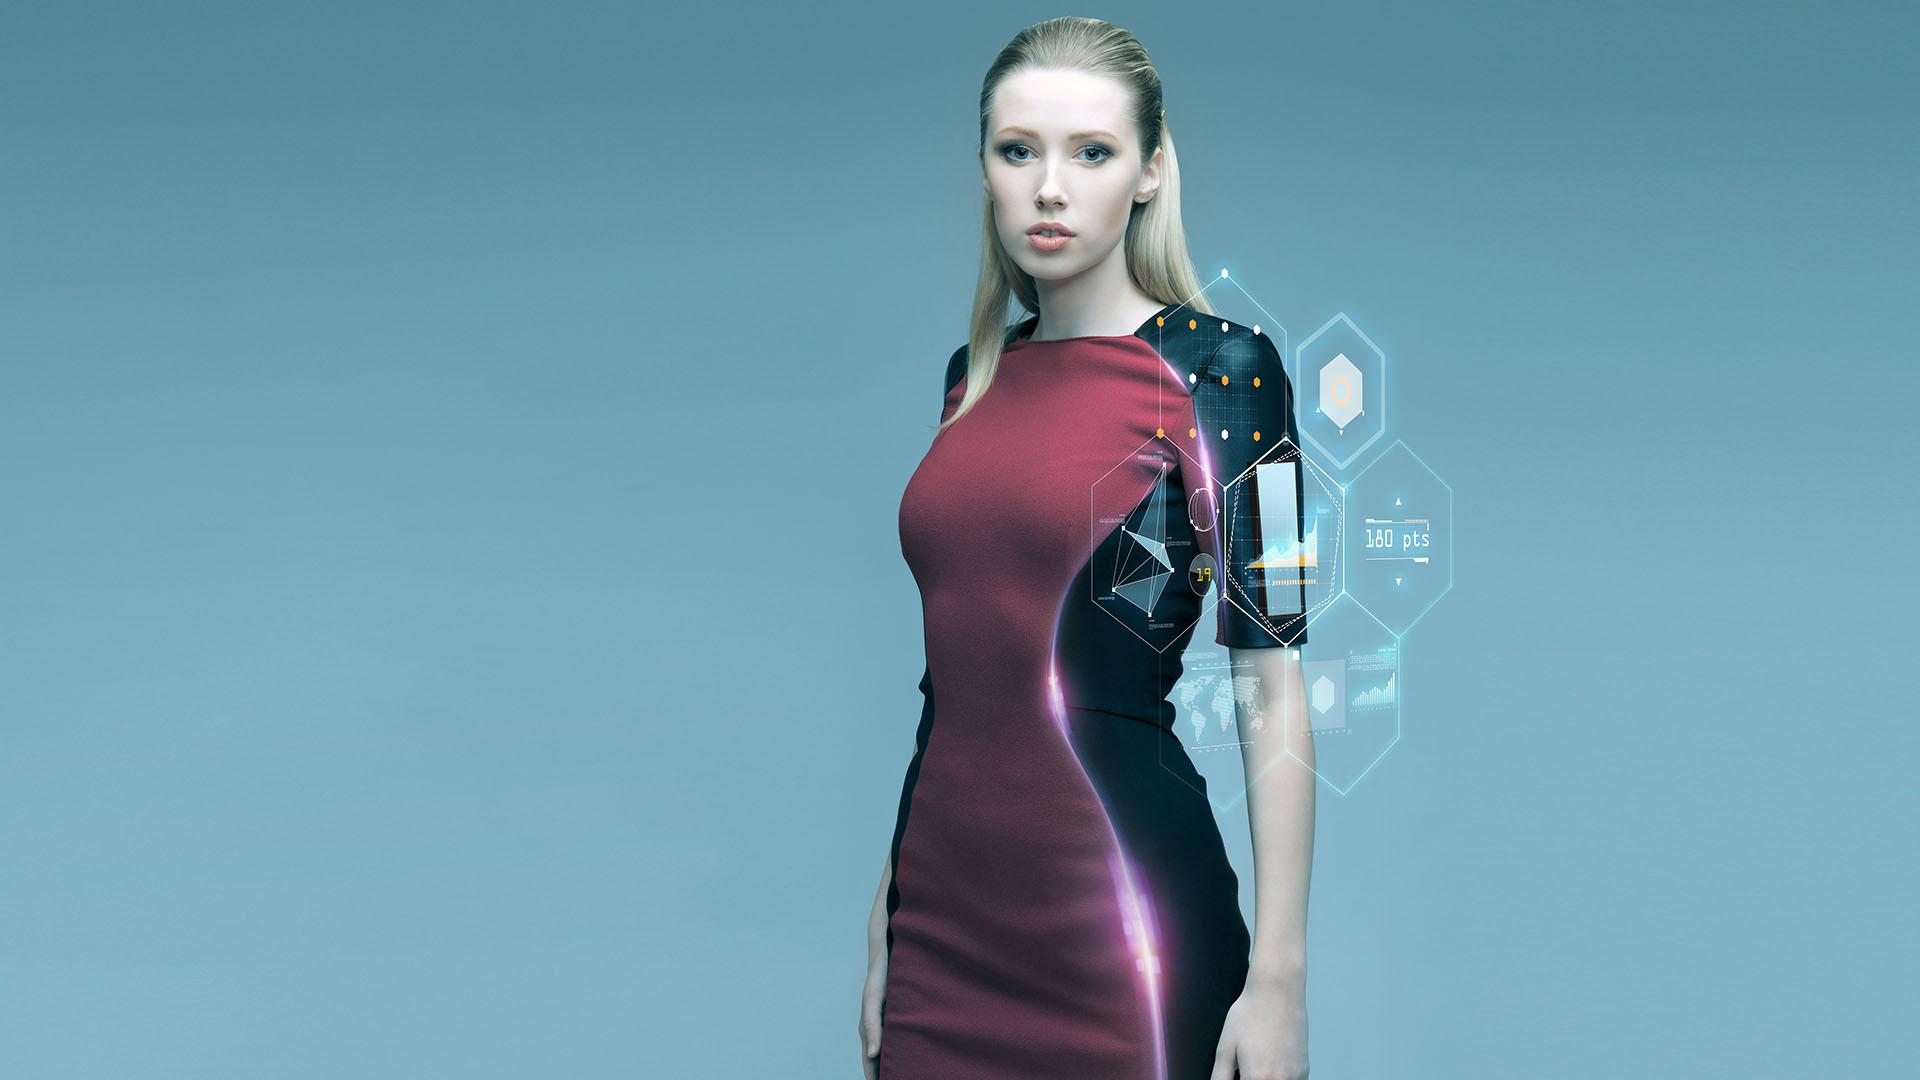 Tecnología para el vestir  así serán las 7 prendas del futuro - Infobae 4441b4f91ba